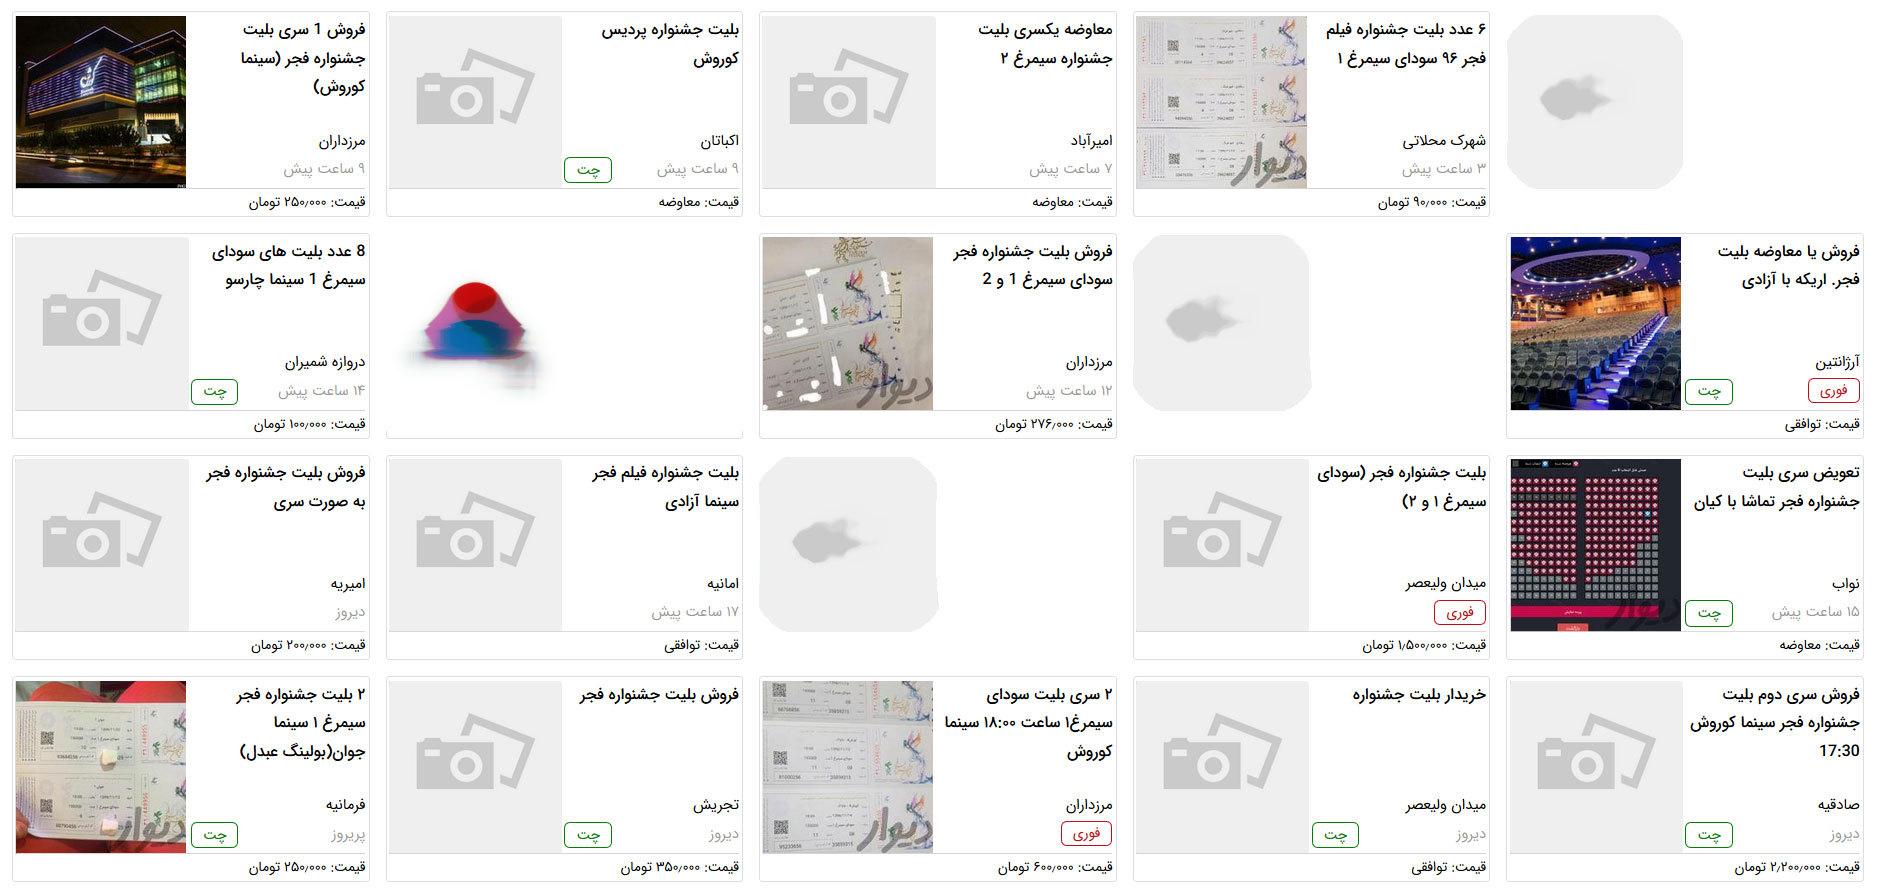 قیمت بلیتهای جشنواره فجر در بازار سیاه به 2.2 میلیون رسید!